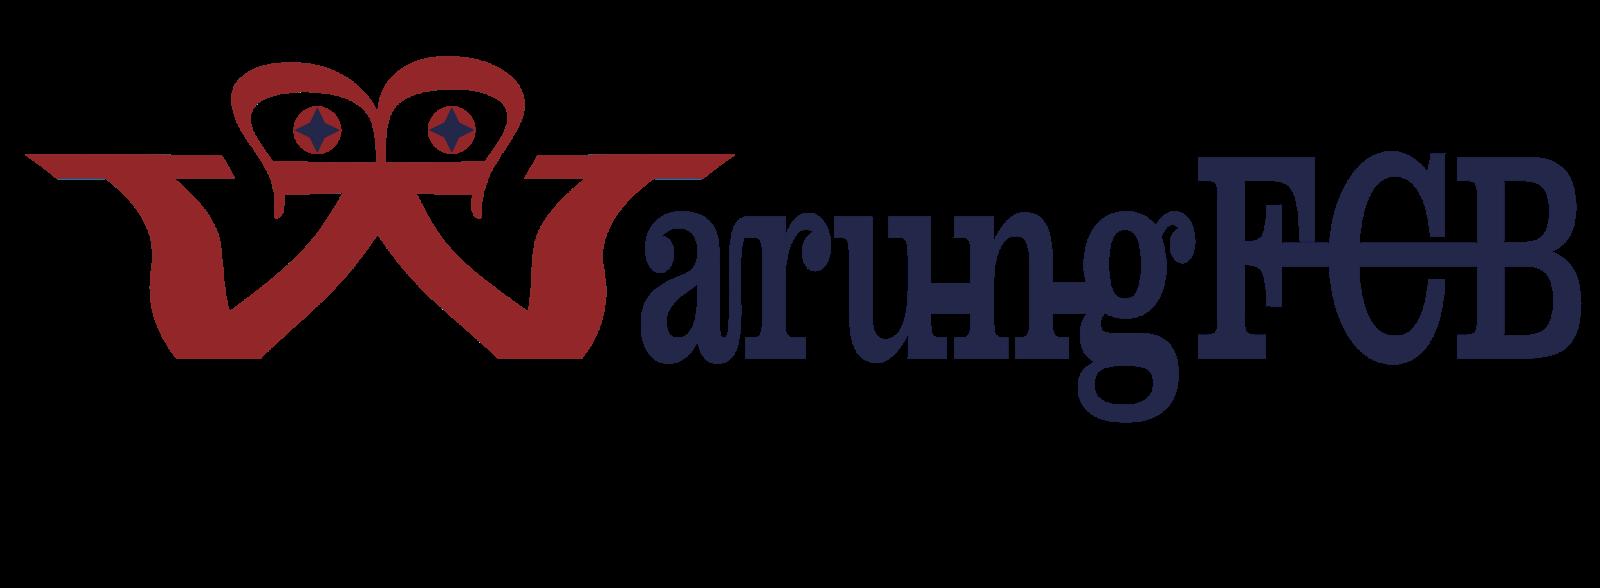 WarungFCB